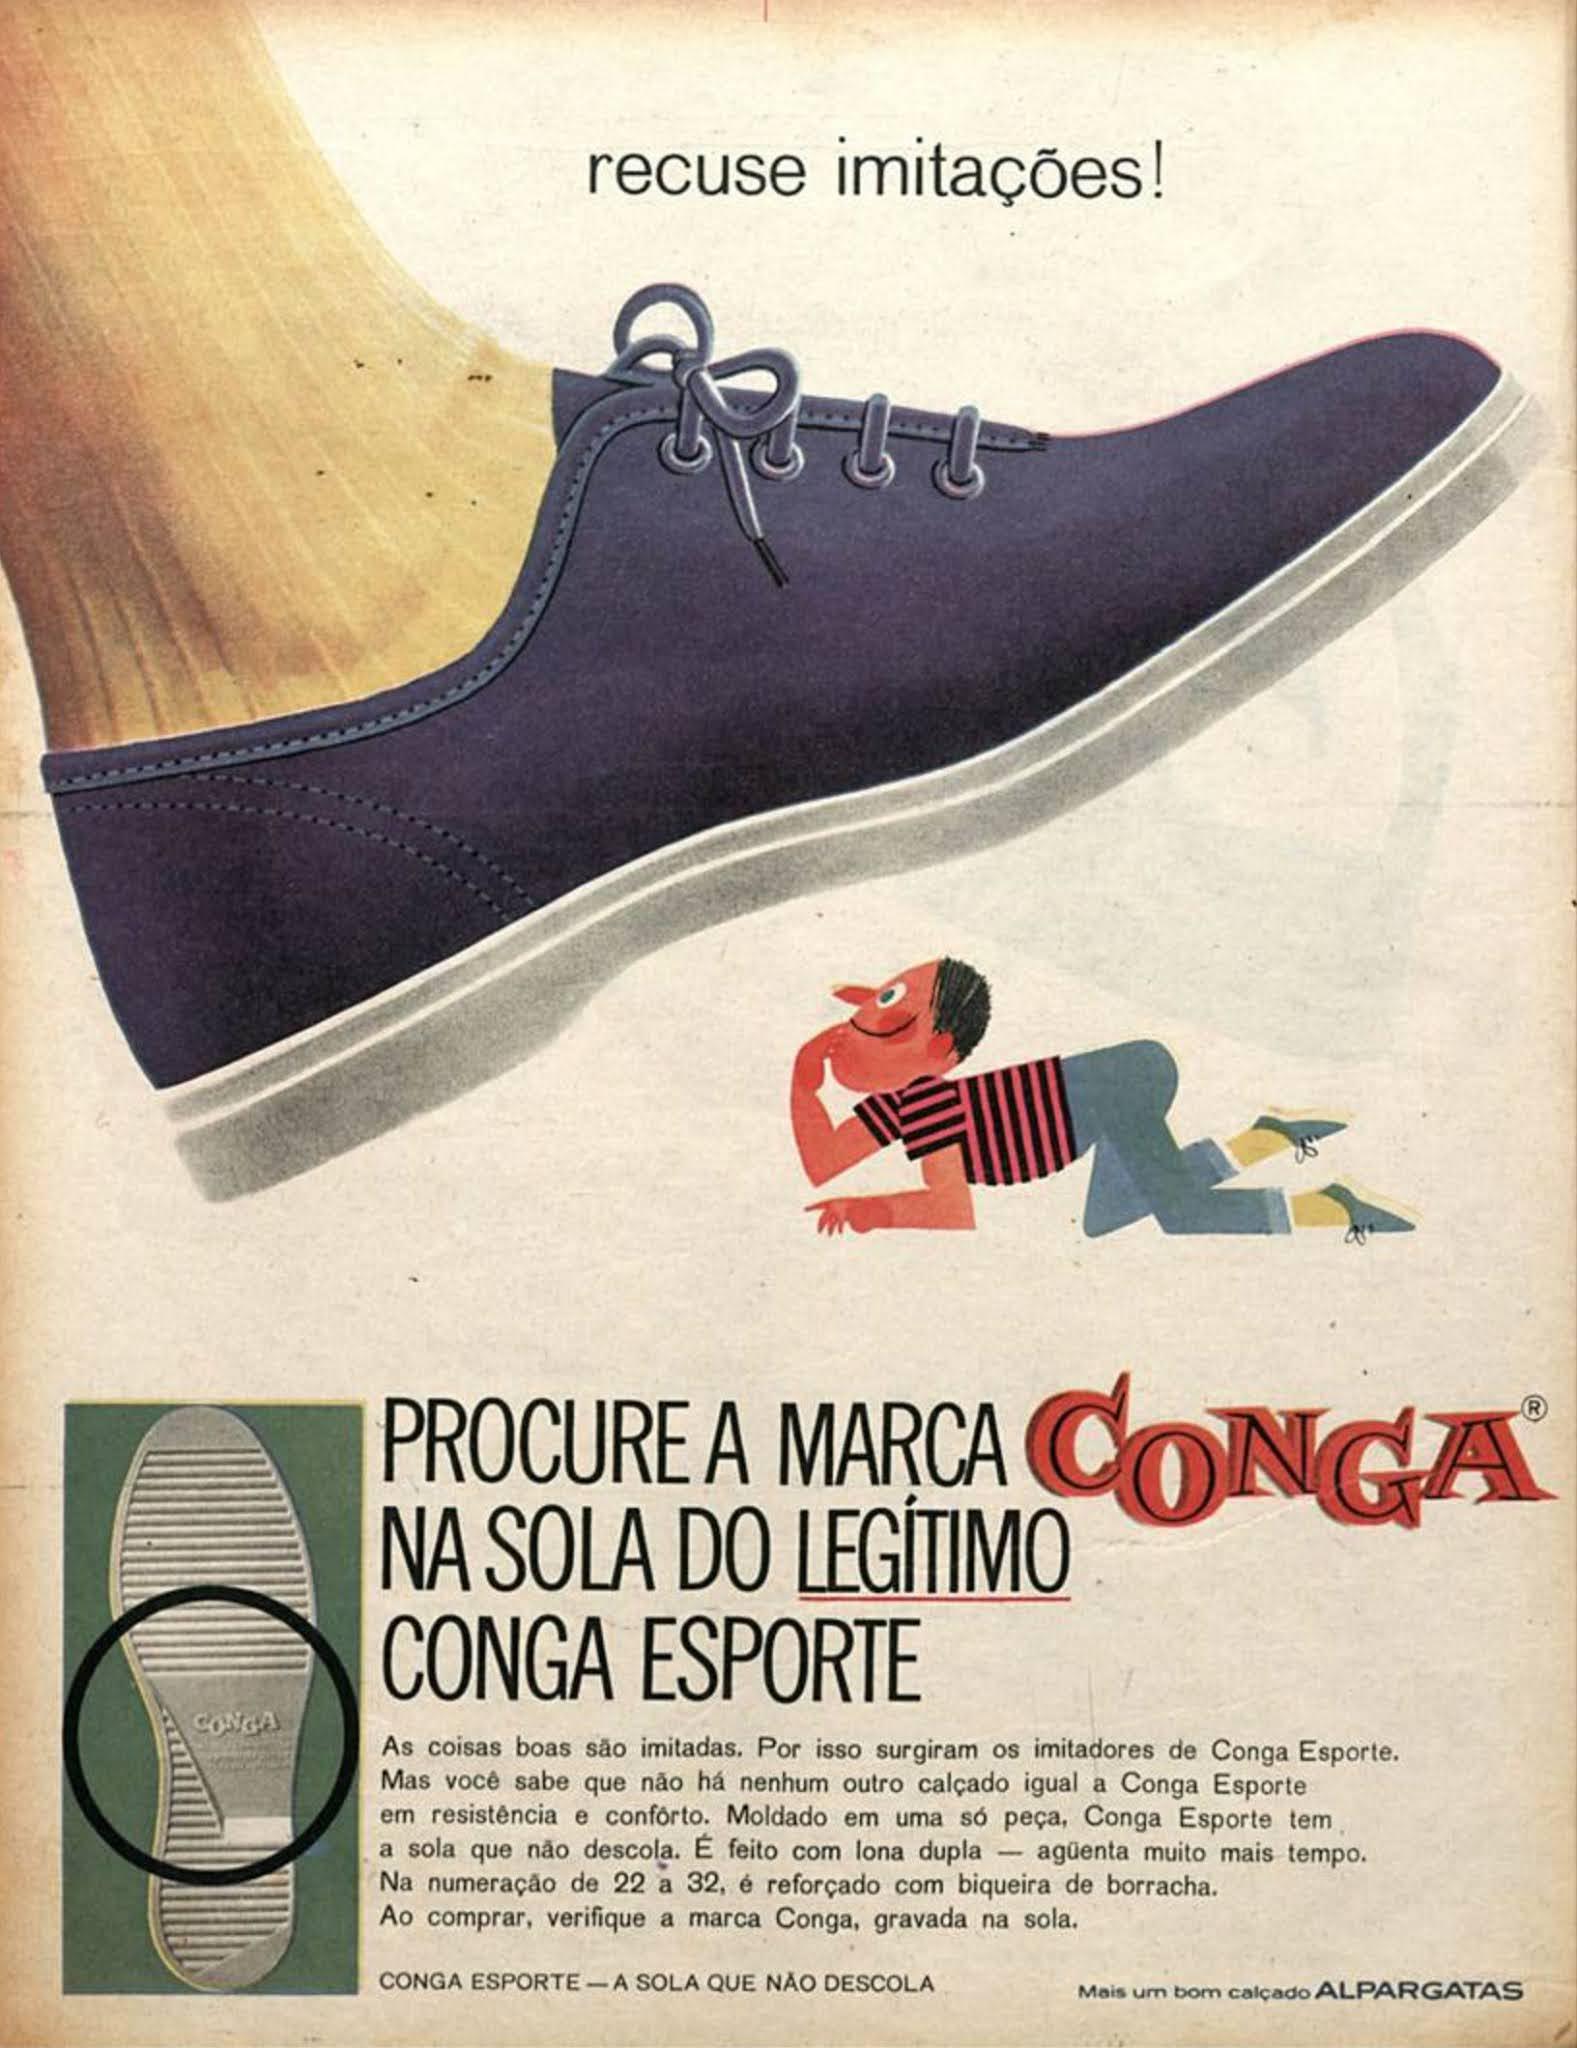 Propaganda do Tênis Conga Esporte veiculada em 1964